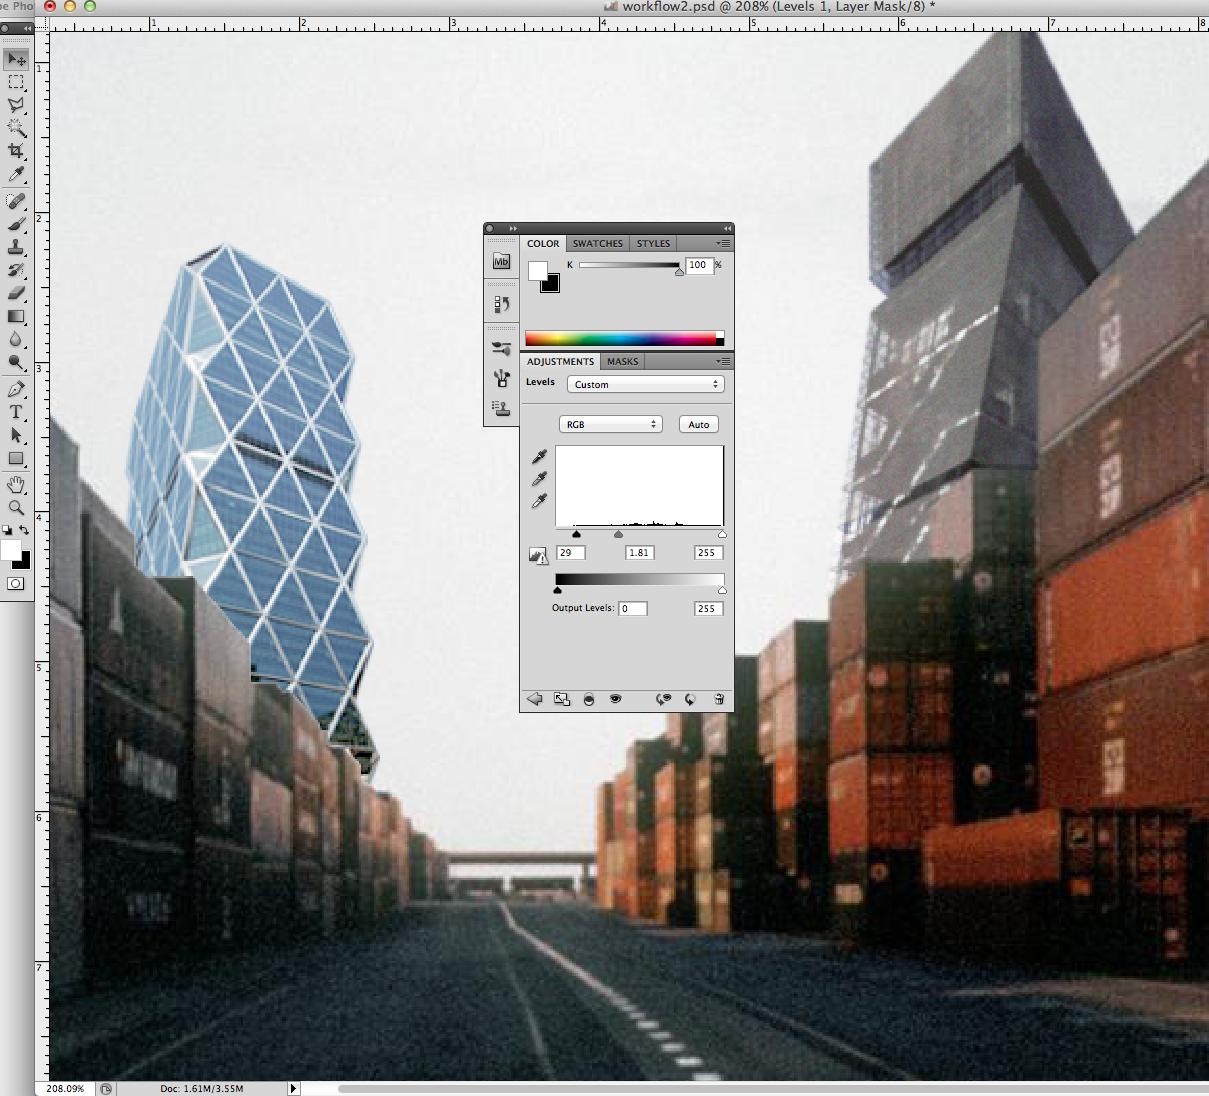 Workshop2 histogram.png